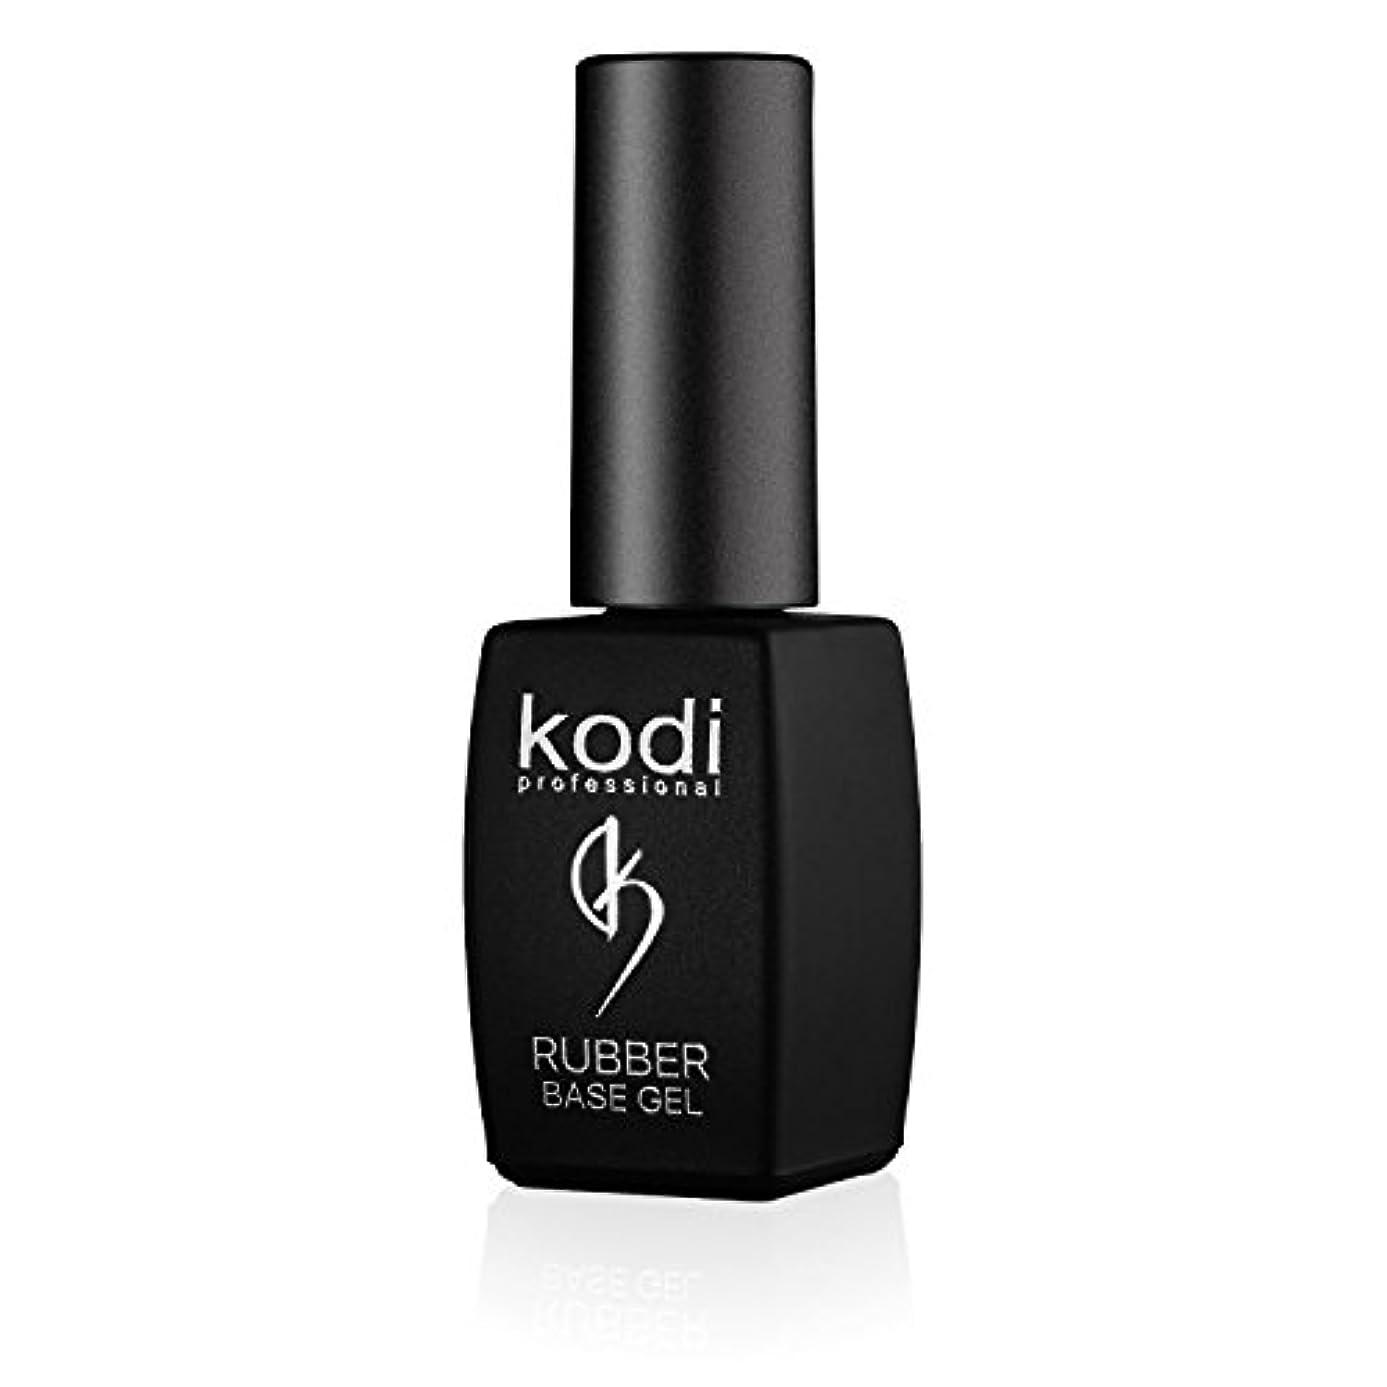 クリスチャン切り刻むパッドProfessional Rubber Base Gel By Kodi   8ml 0.27 oz   Soak Off, Polish Fingernails Coat Gel   For Long Lasting...